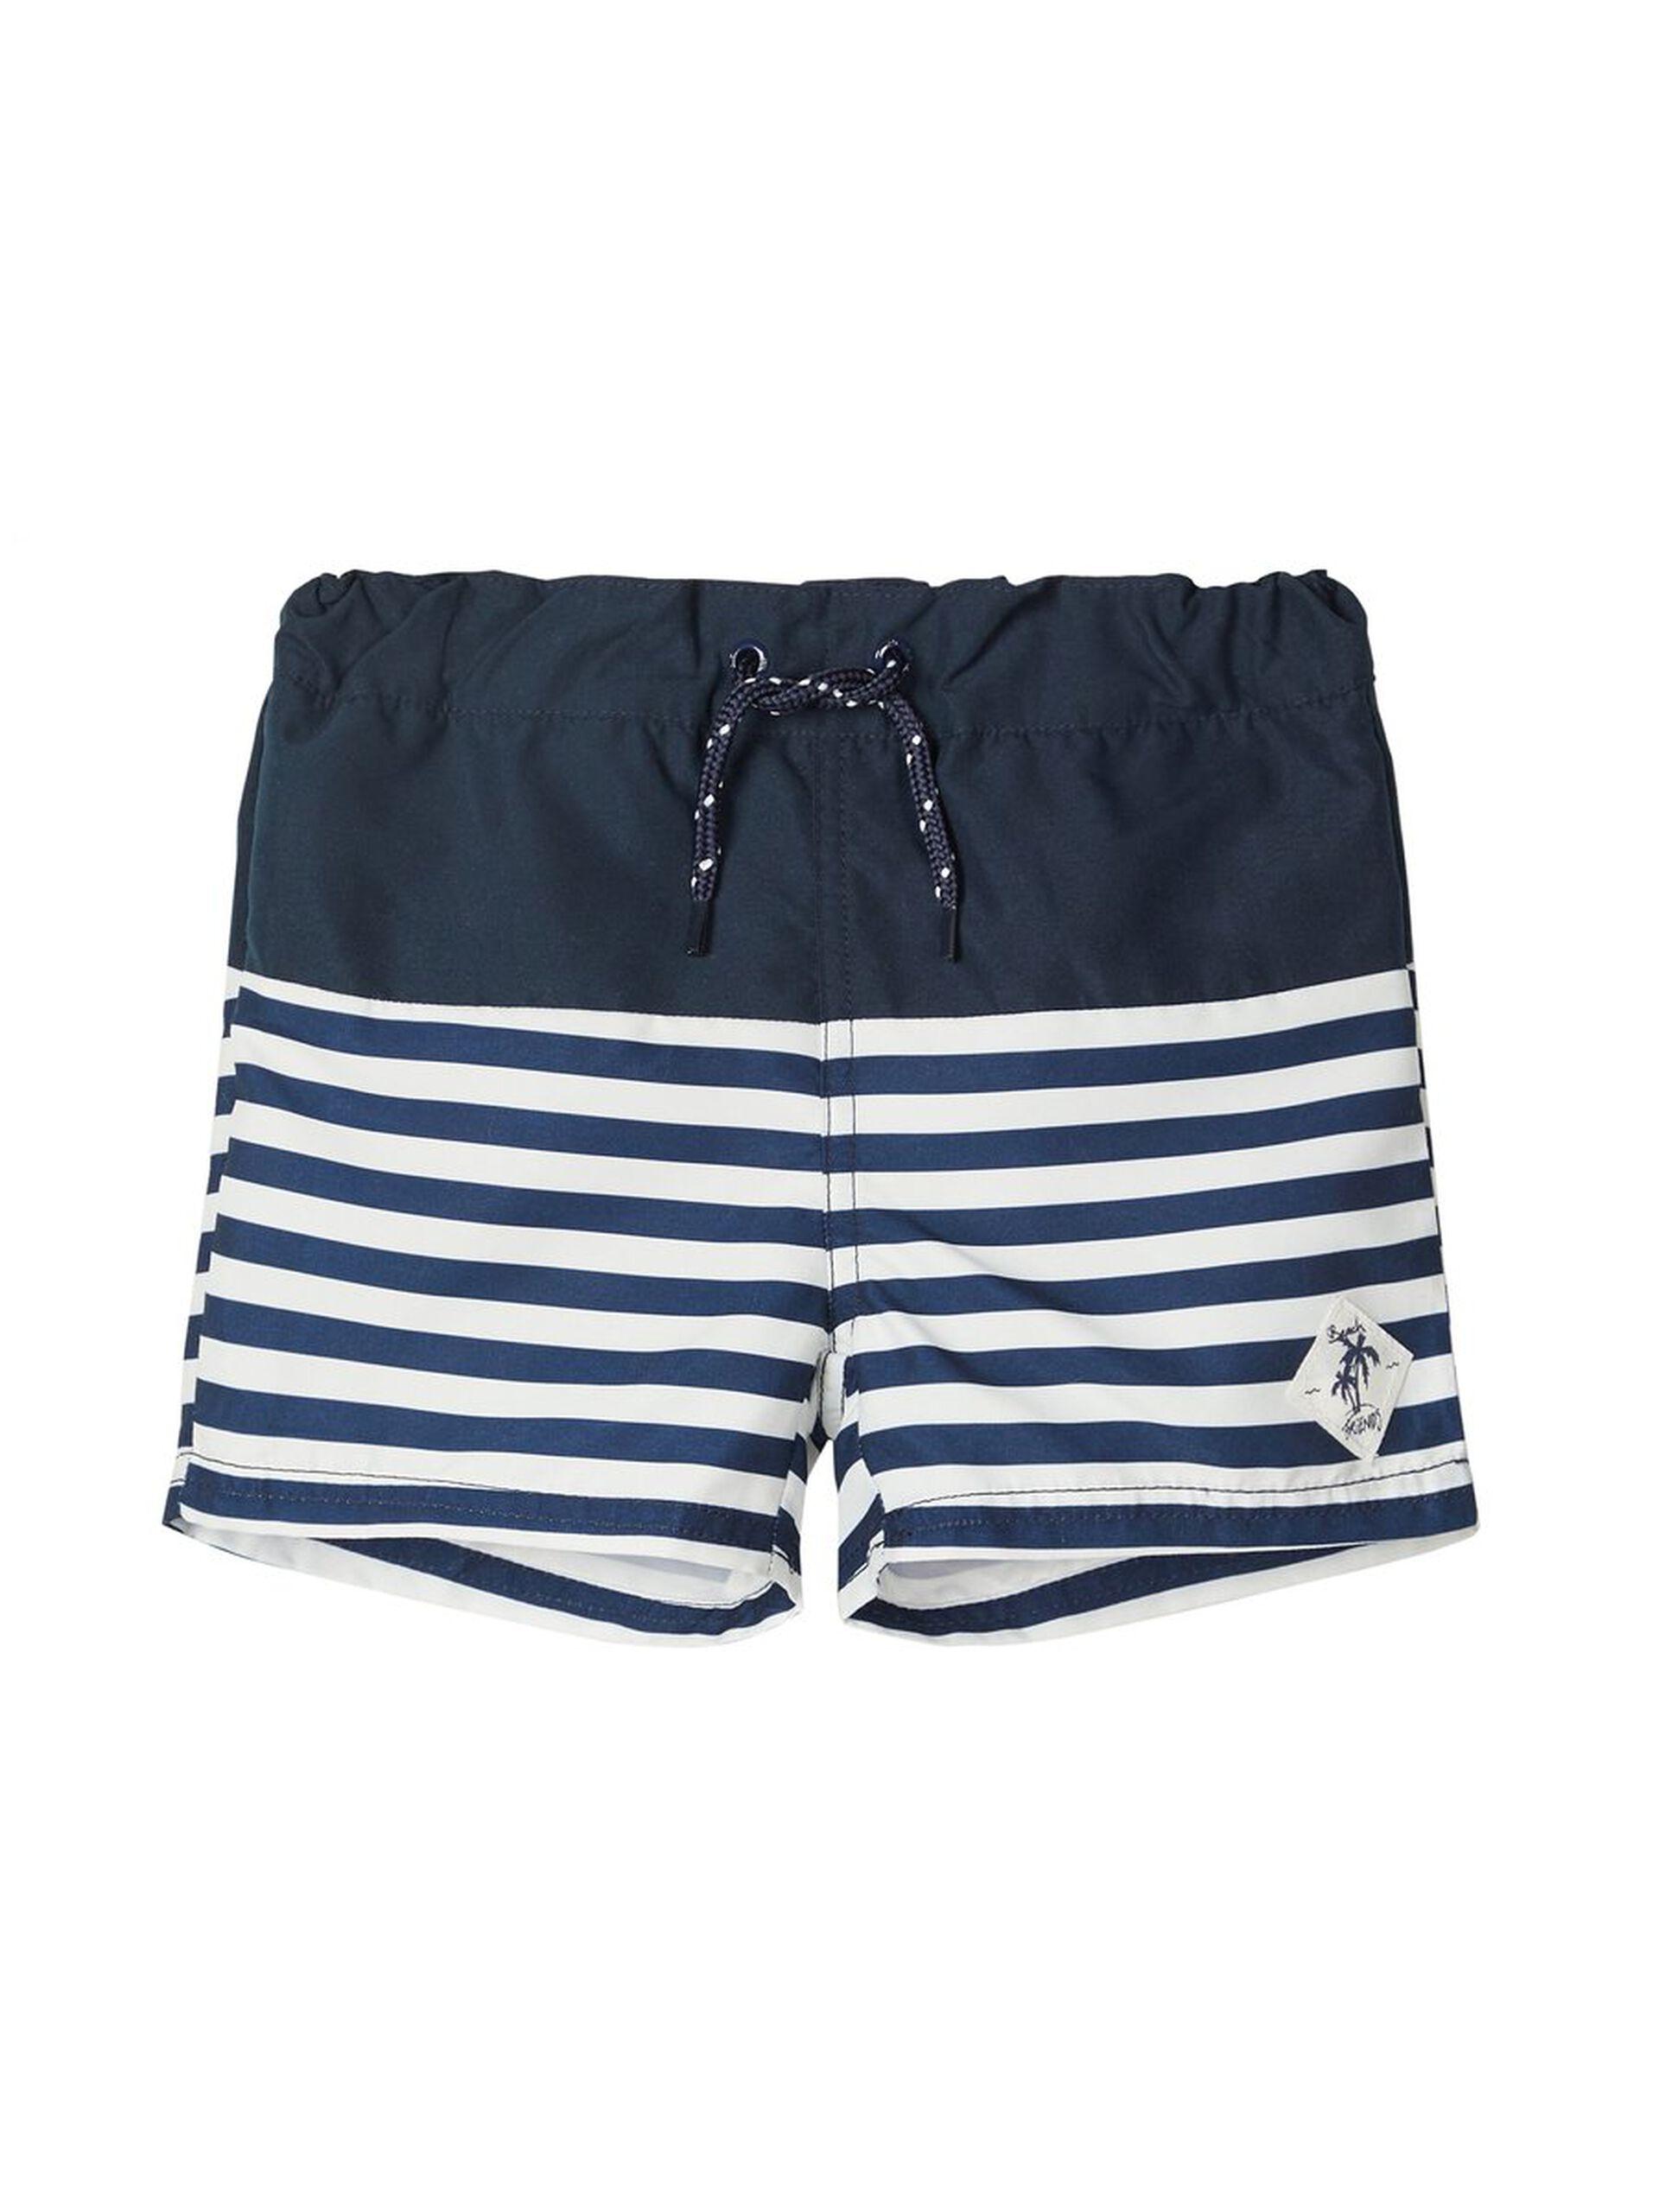 Marineblå badeshorts til gutt